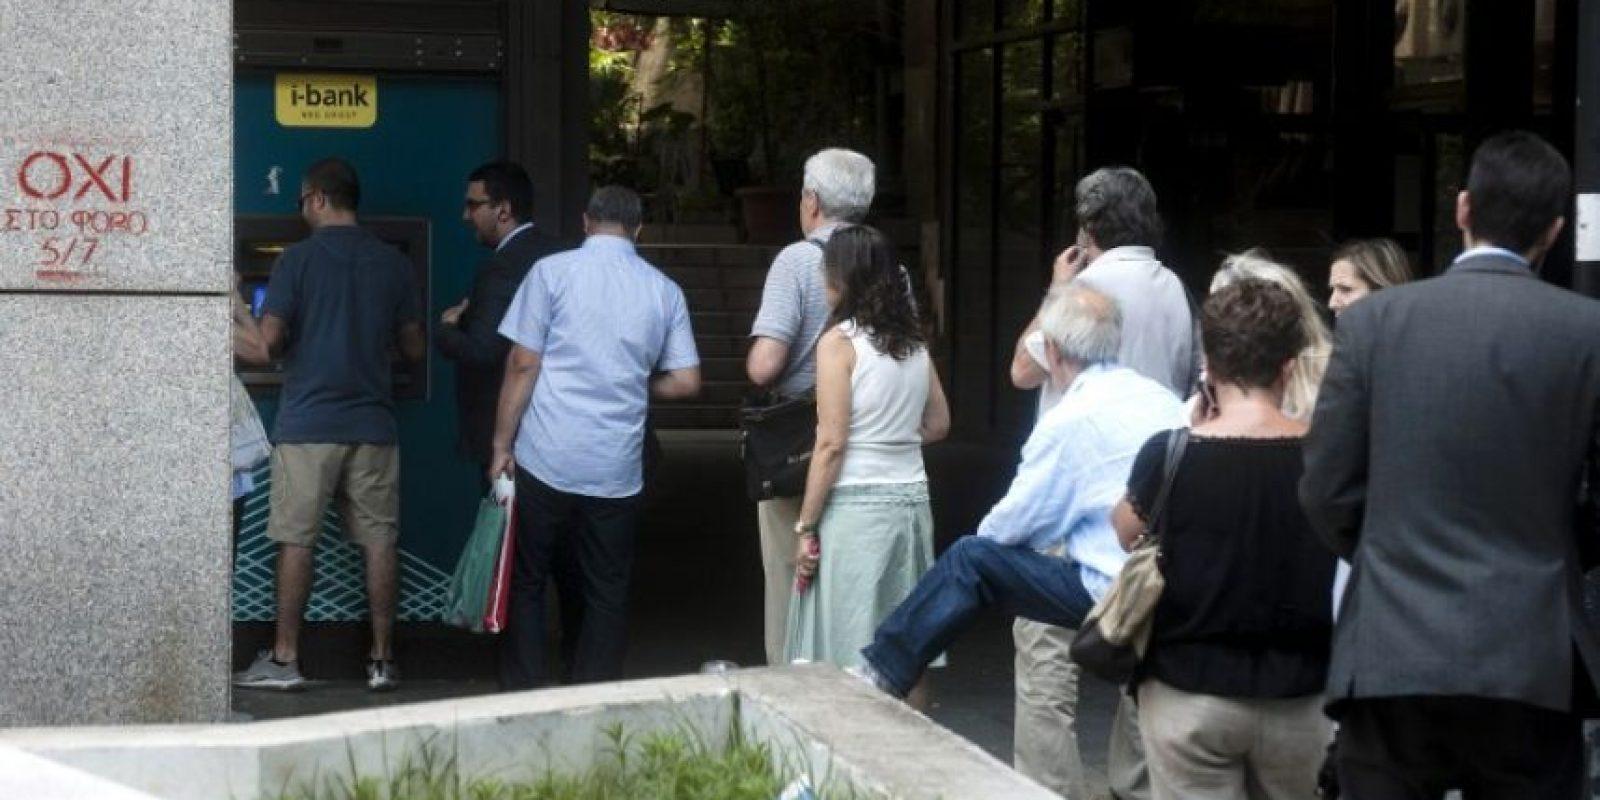 Los bancos griegos permanecieron cerrados Foto:AFP